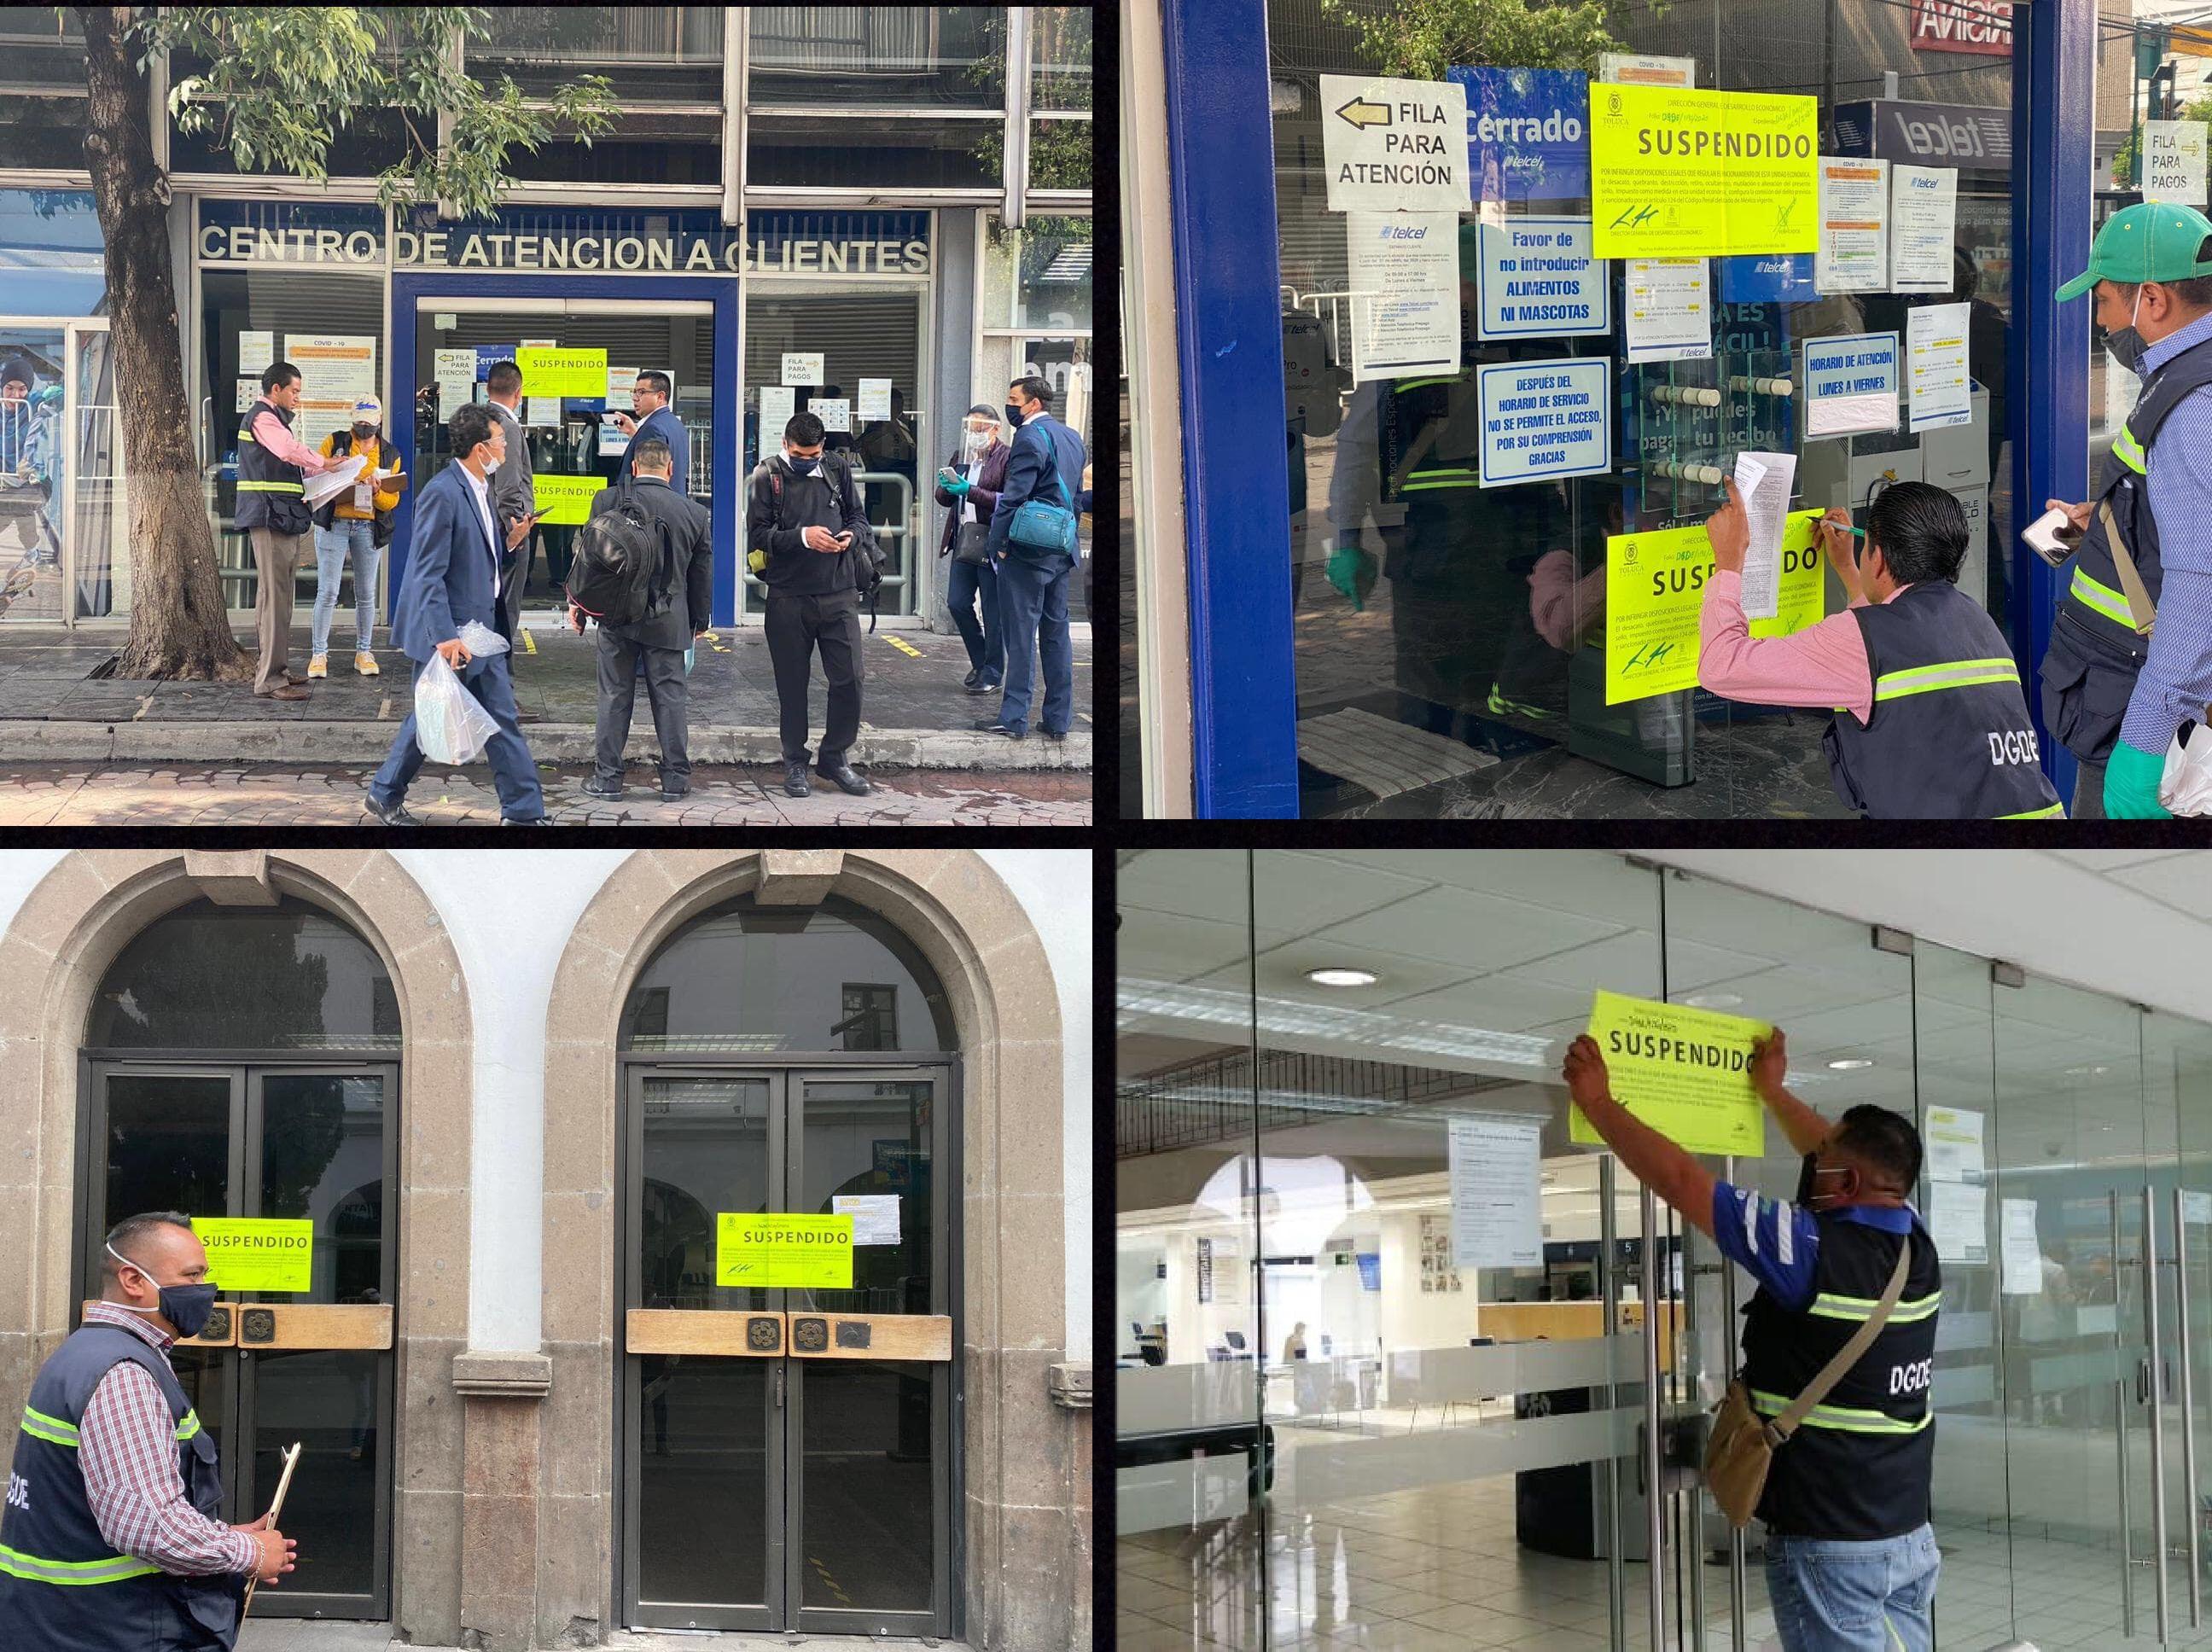 Burlaban la Ley en Toluca... los suspenden